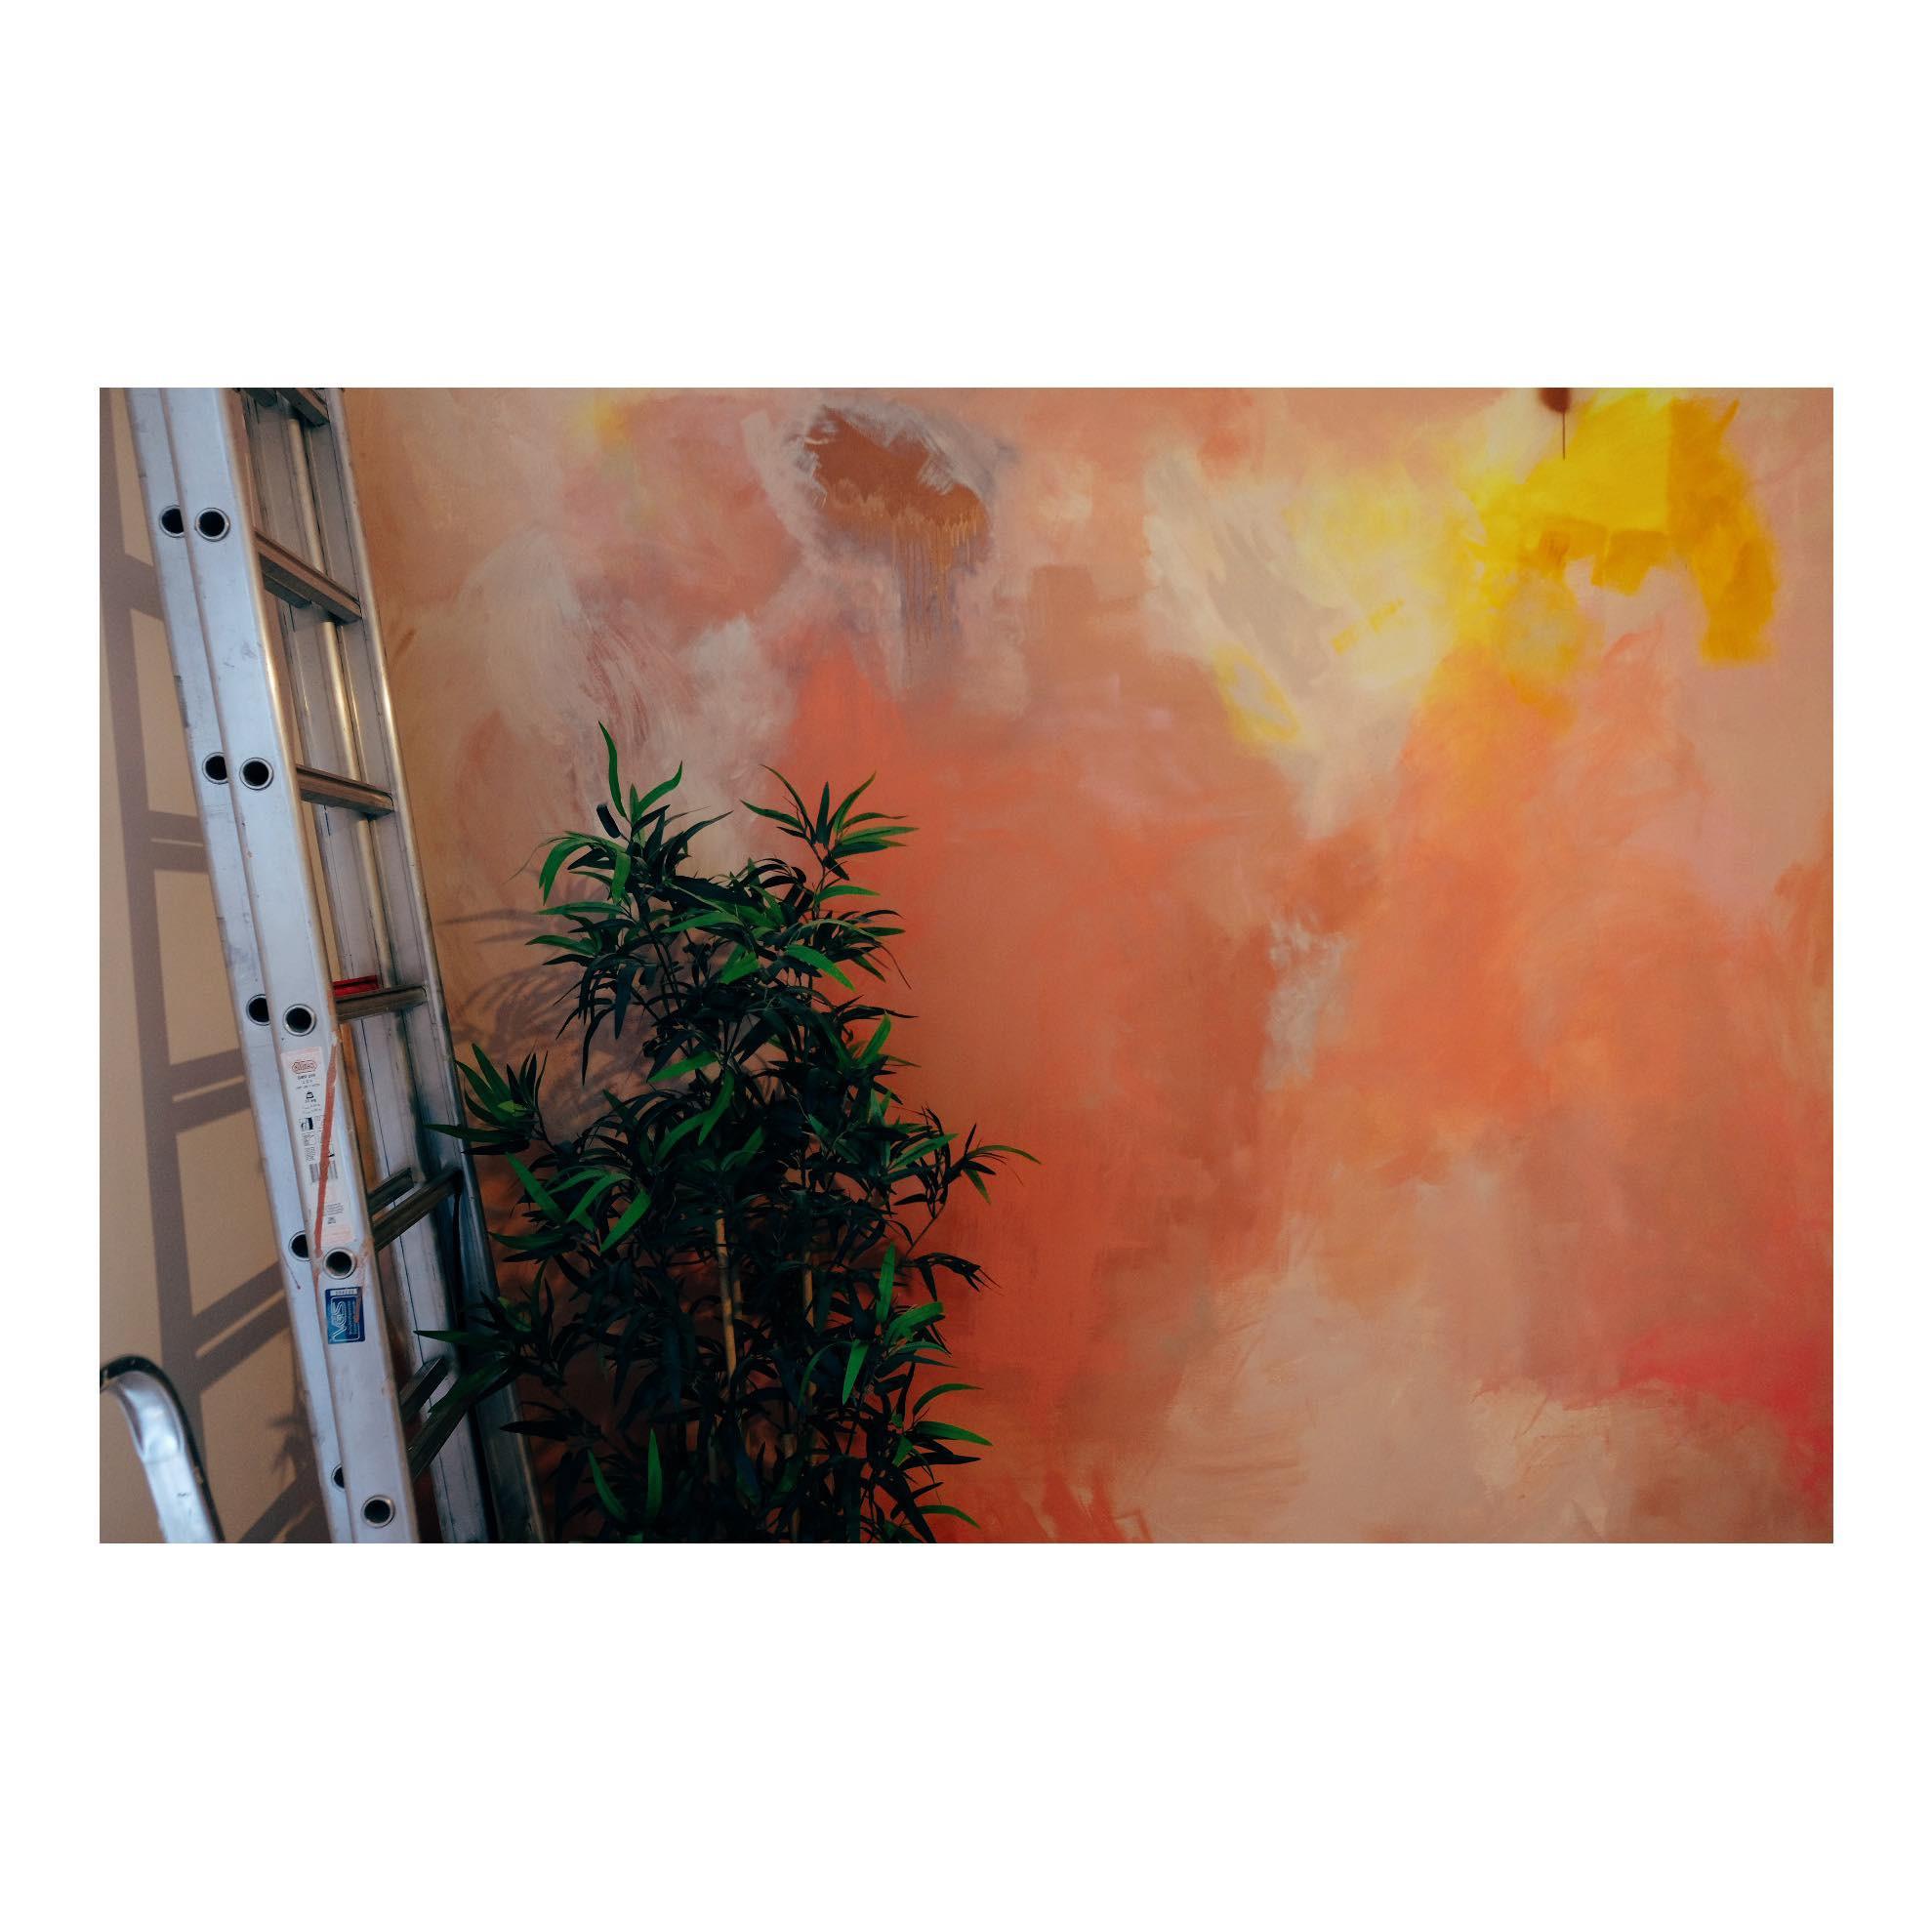 Kosmische muurschilders